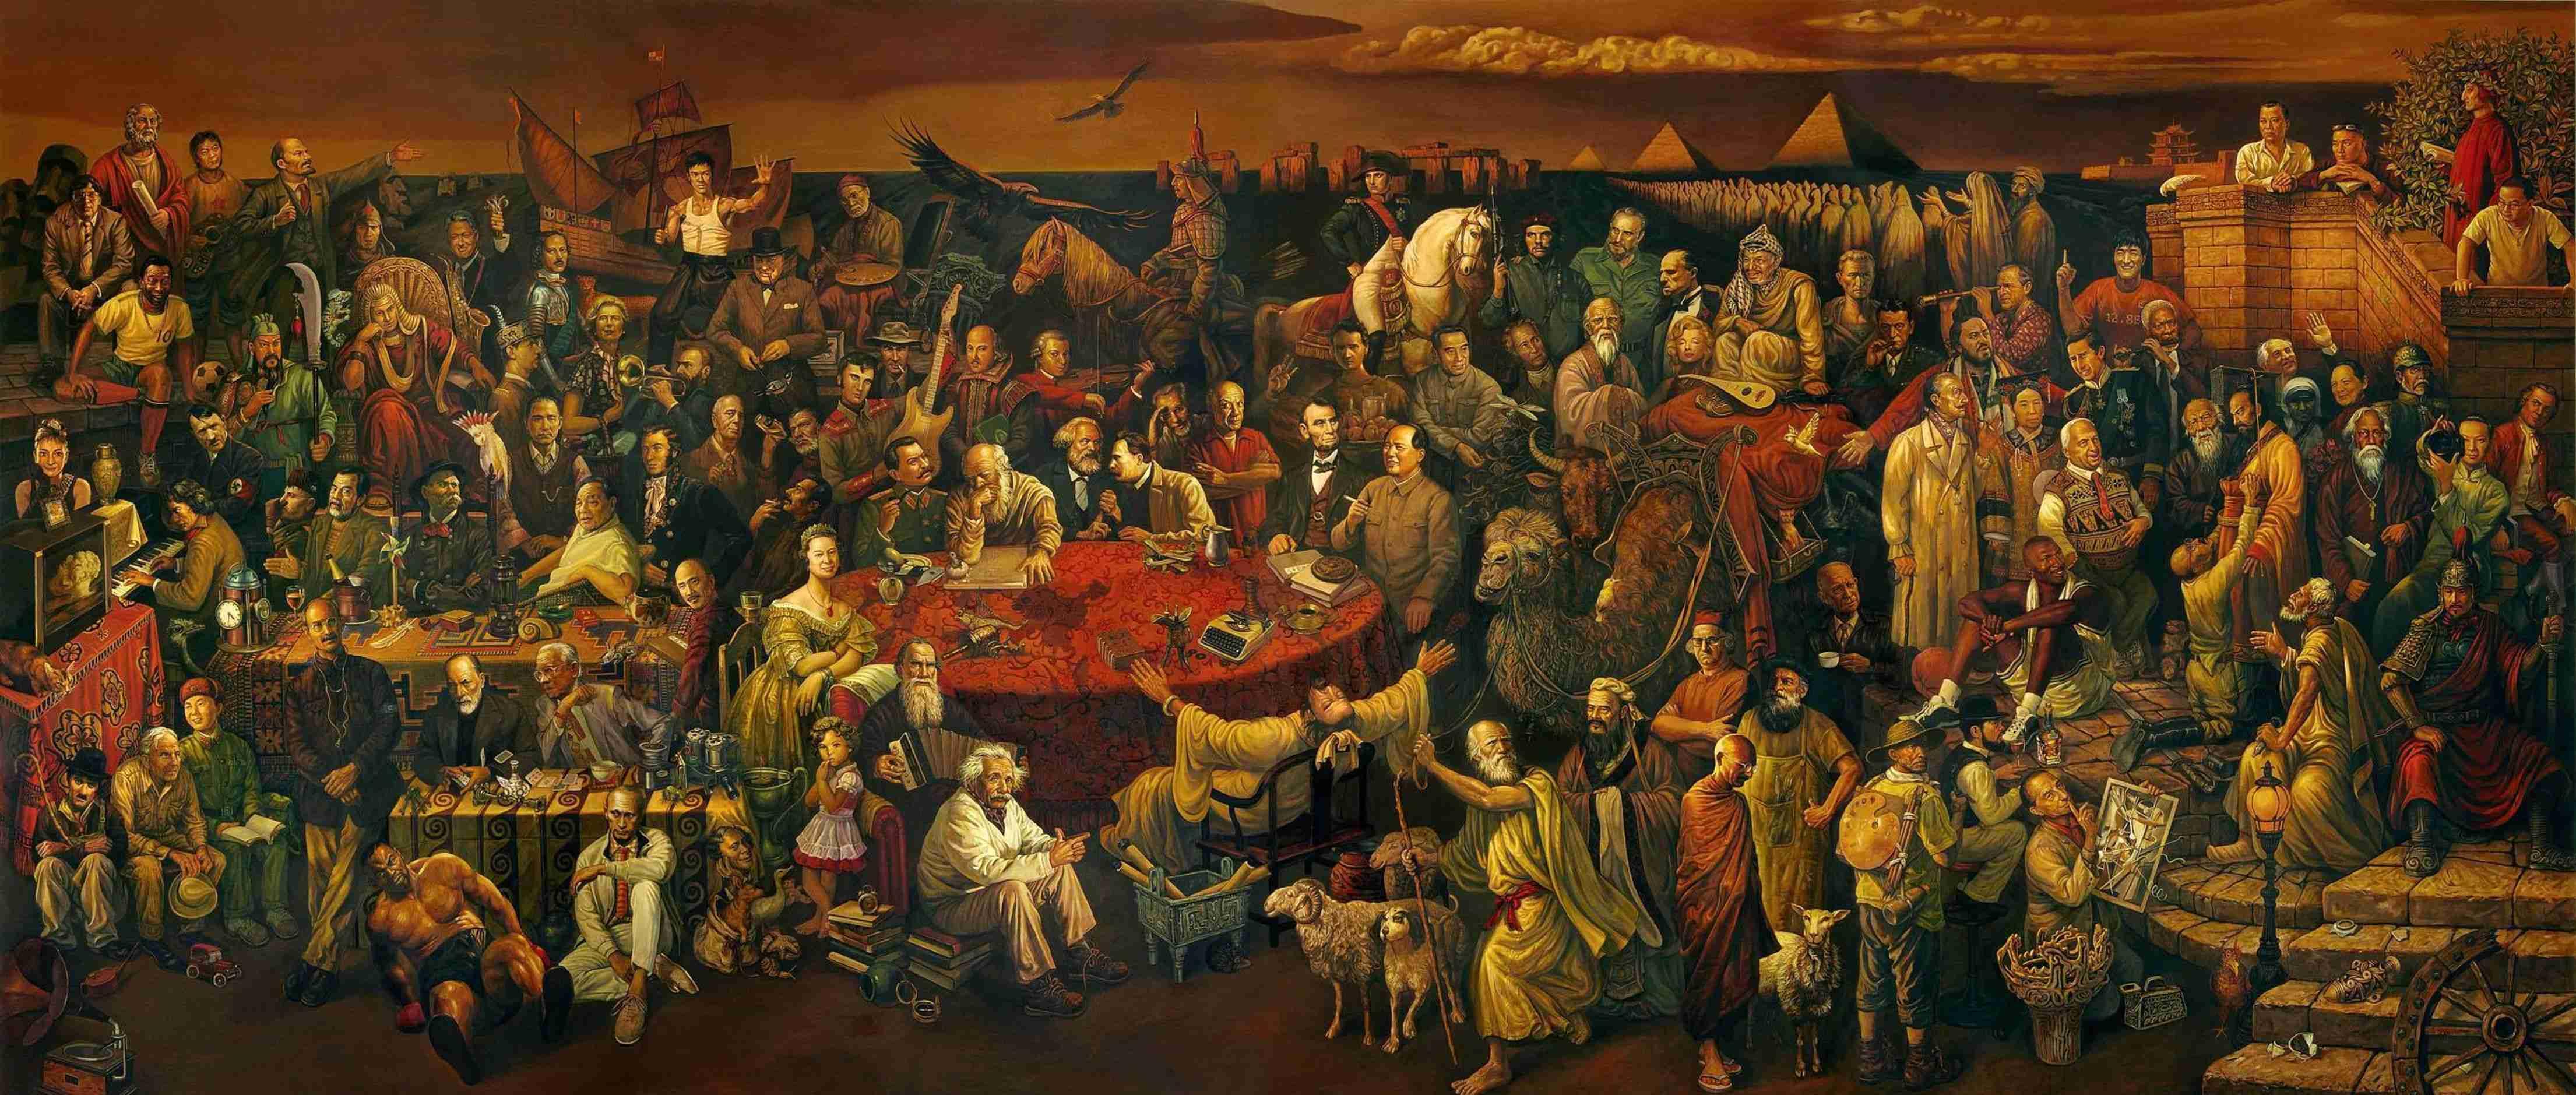 Сколько знаменитых людей вы узнаете на этой картине?